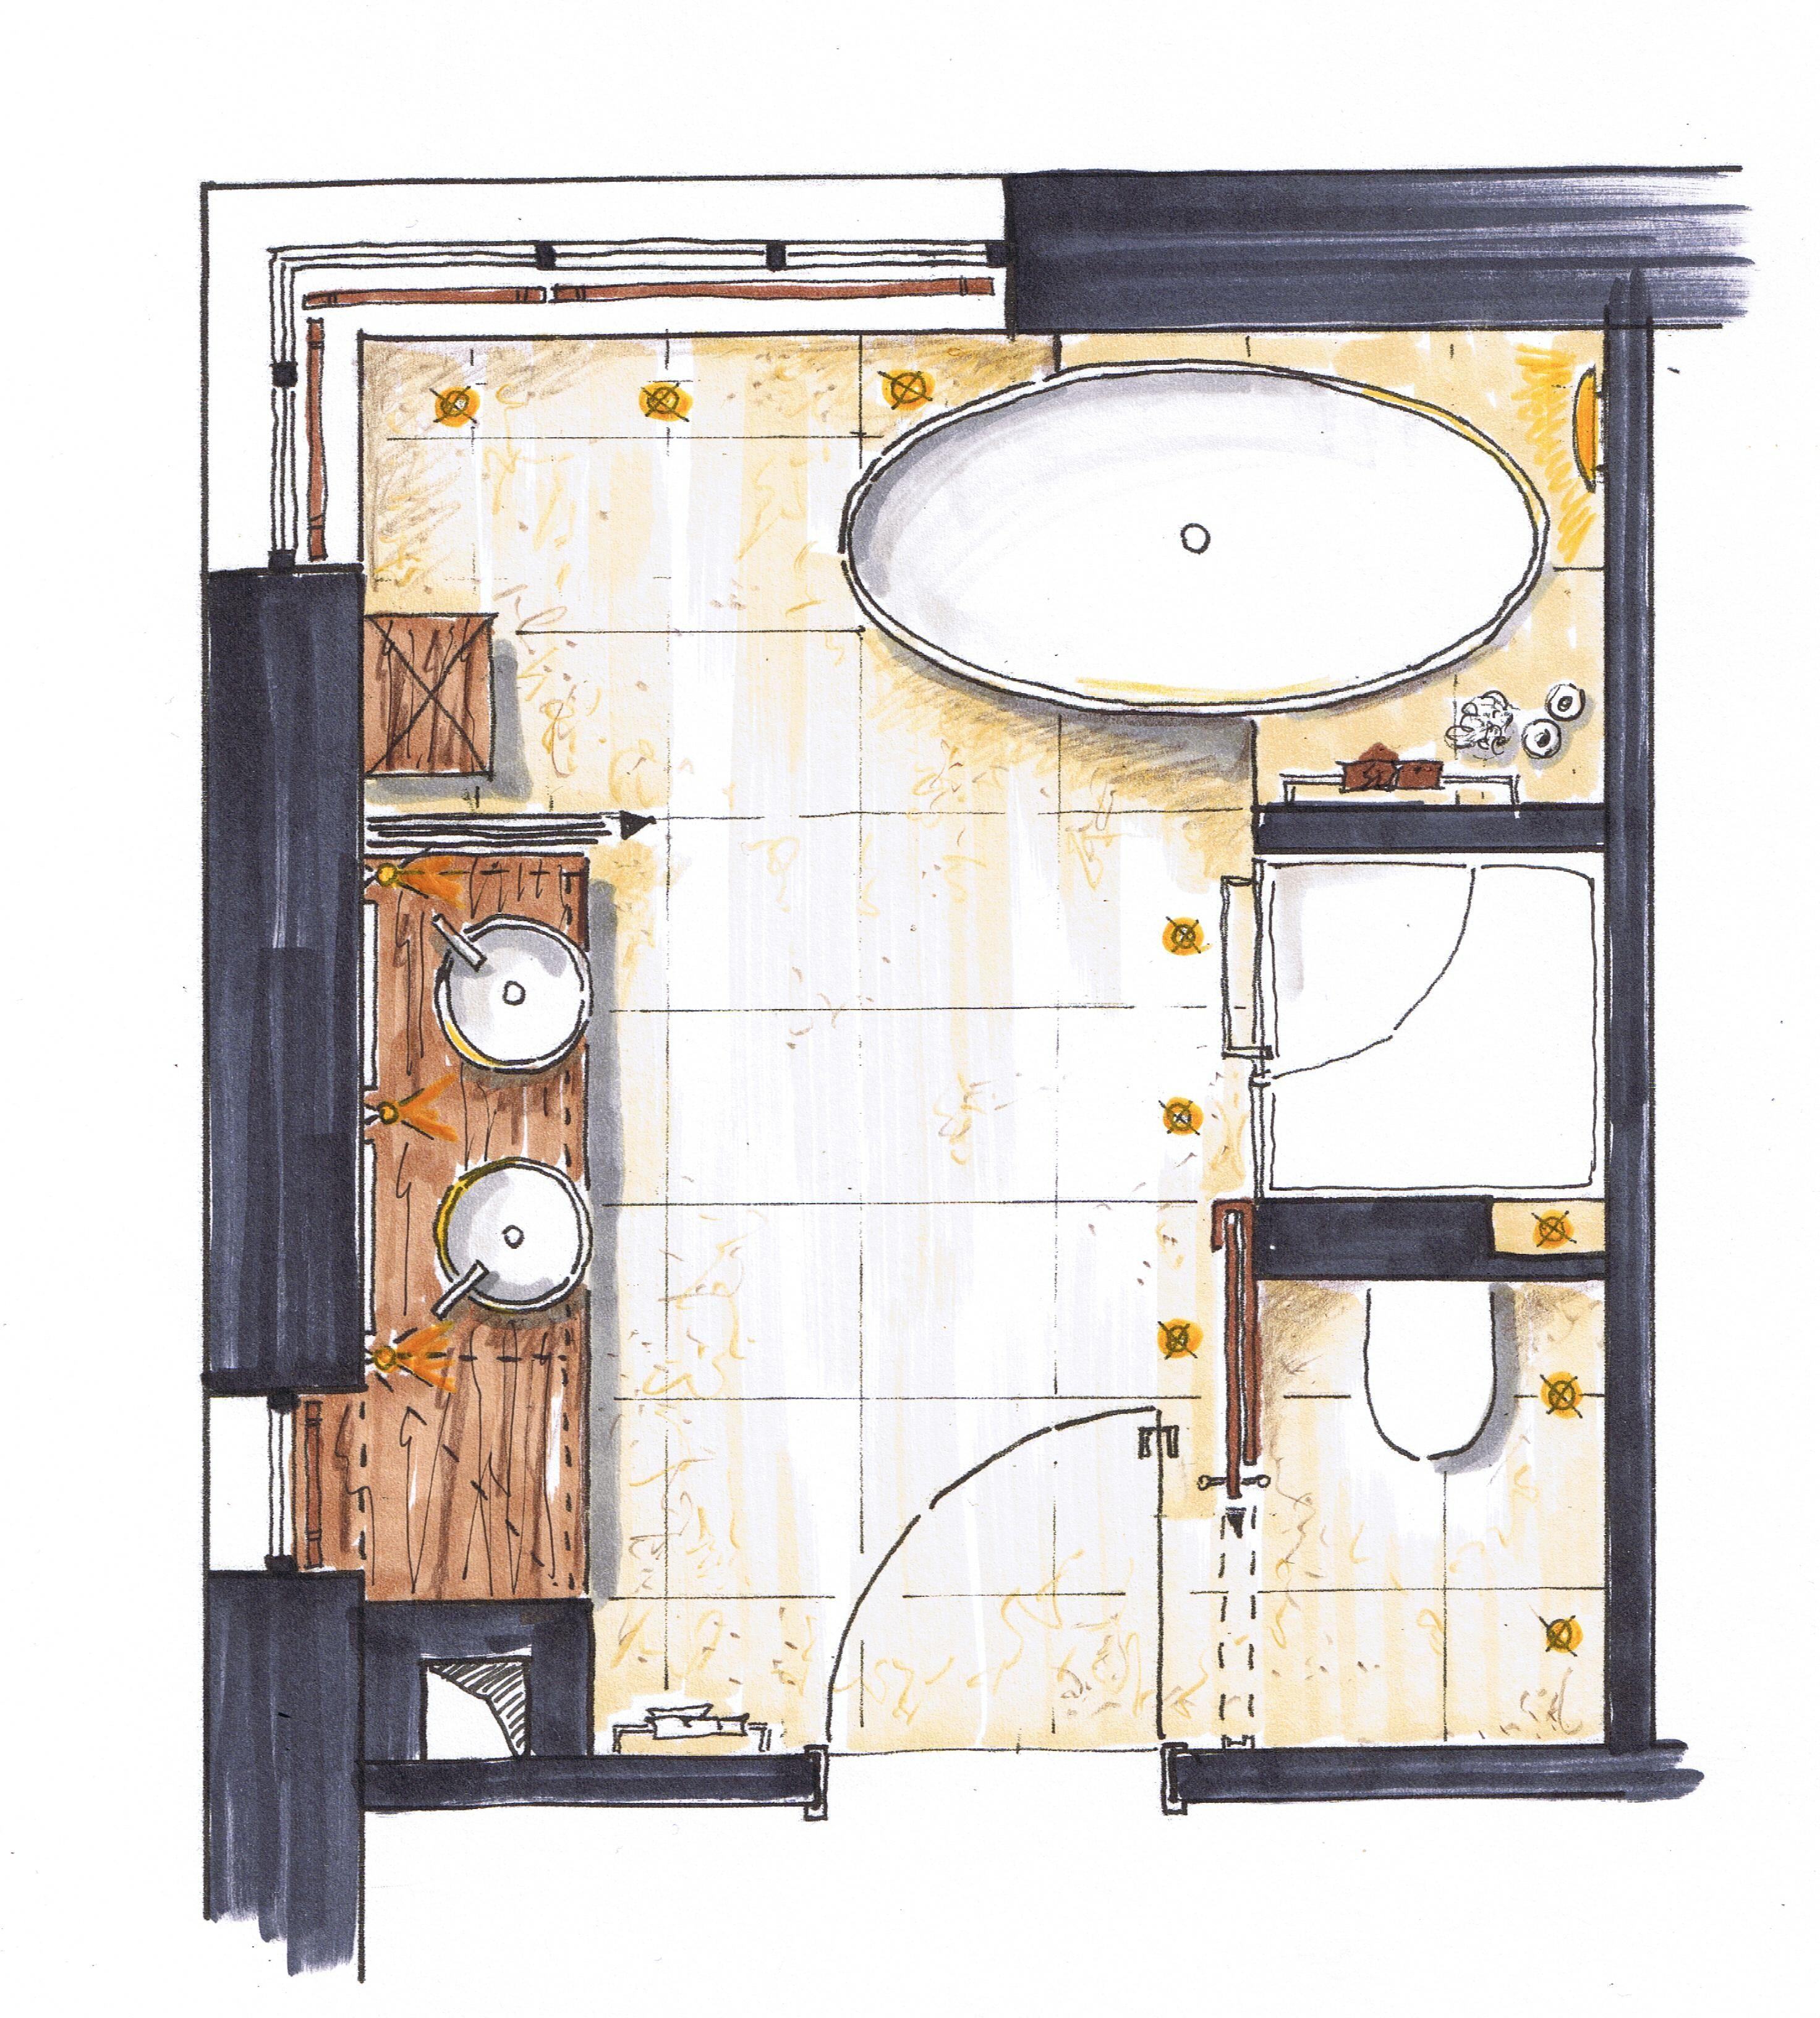 Pin von bernadette pleier auf living floor plan pinterest - Badezimmer grundriss beispiele ...